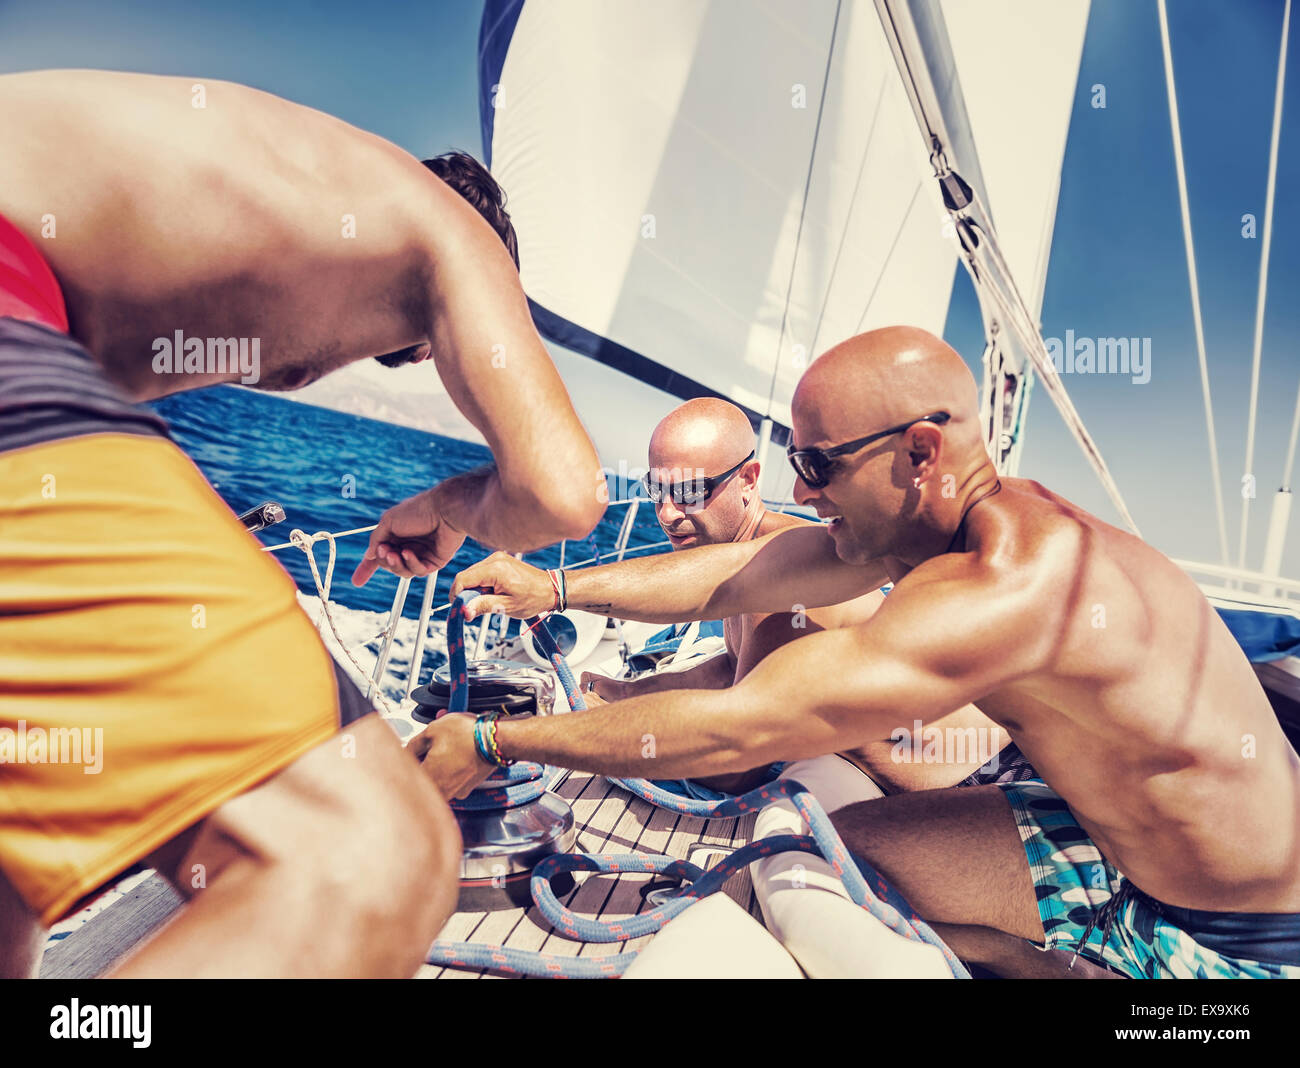 Grupo de guapos descamisados marineros trabajando en velero, que participan en la competencia marítima, disfrutar Imagen De Stock